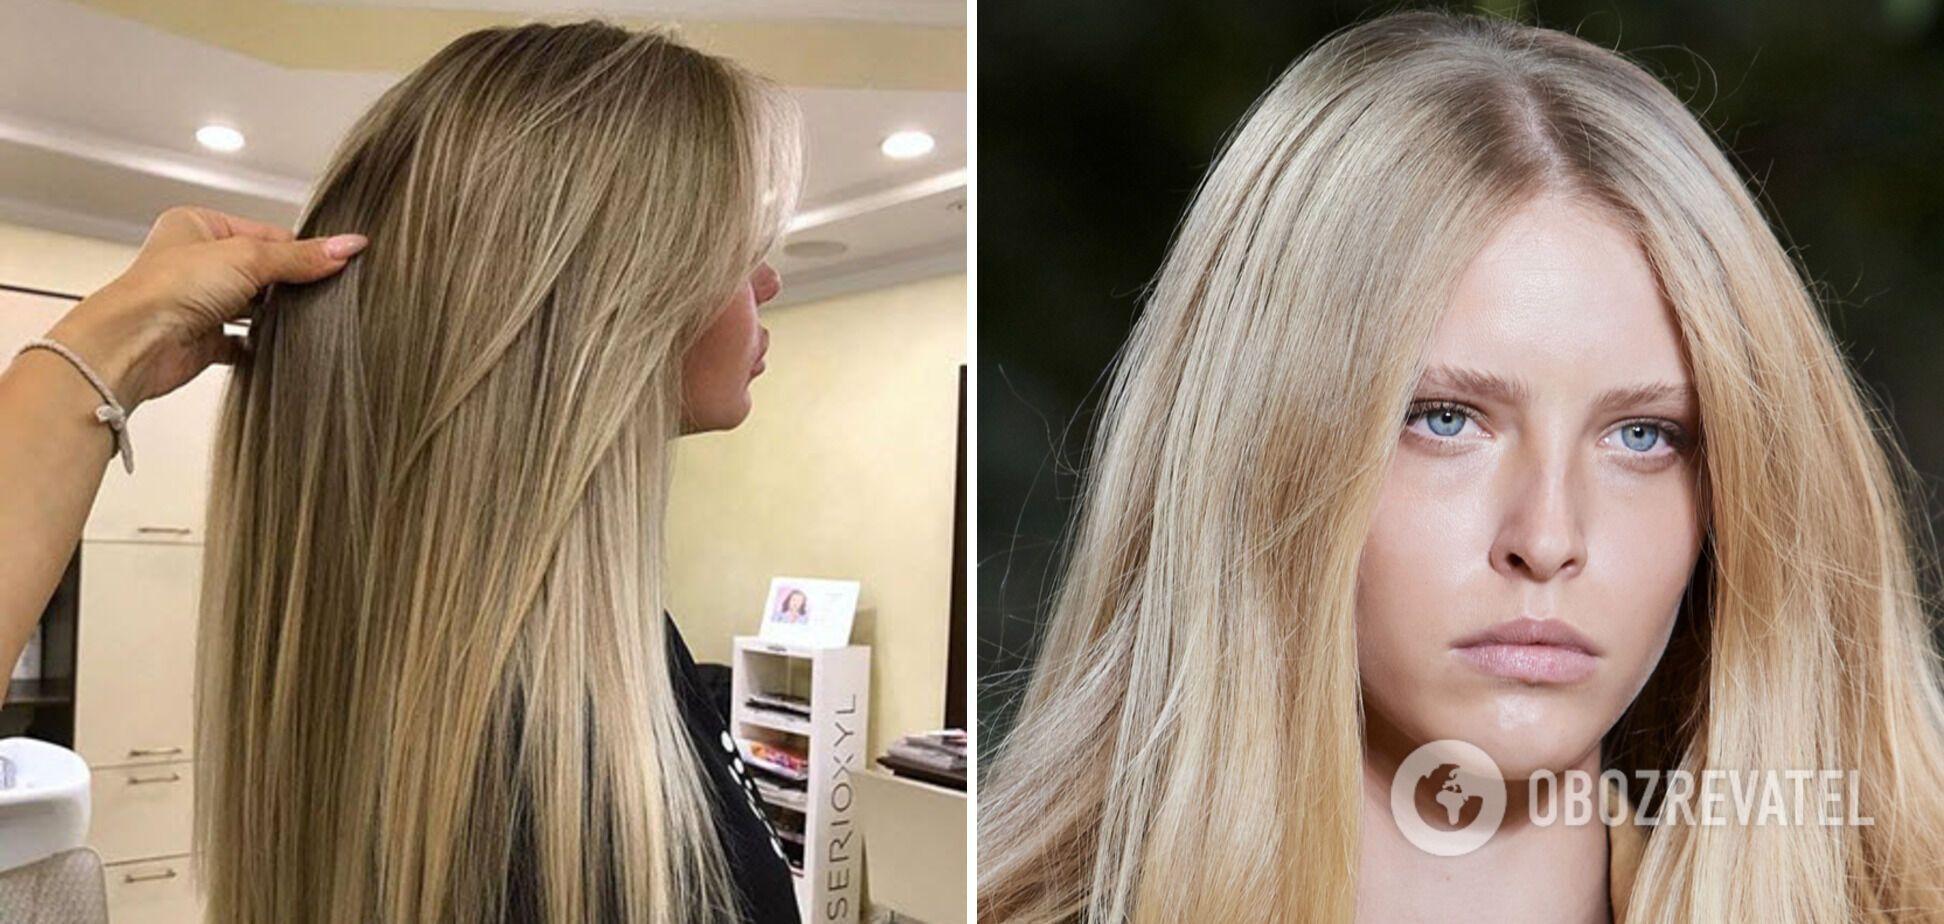 Прикорневой объем и прямые воздушные волосы